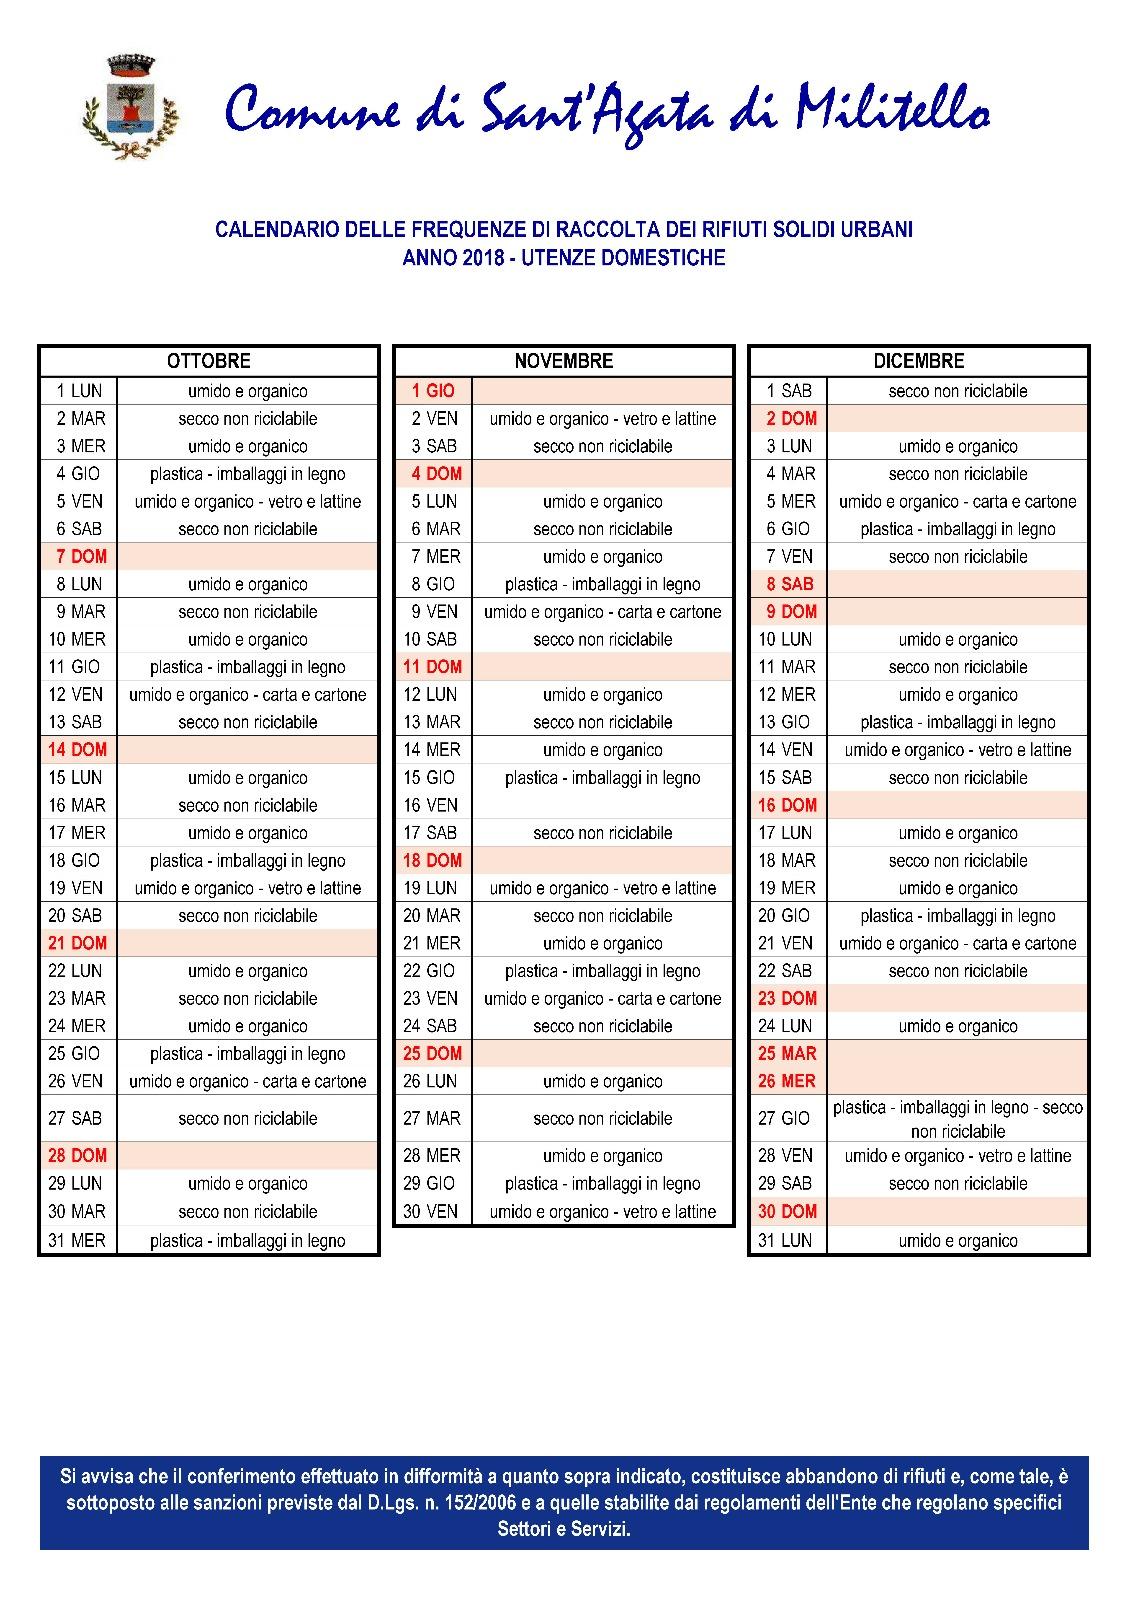 Calendario Rifiuti Santagata Di Militello.Raccolta Differenziata I Calendari Corretti Per Novembre